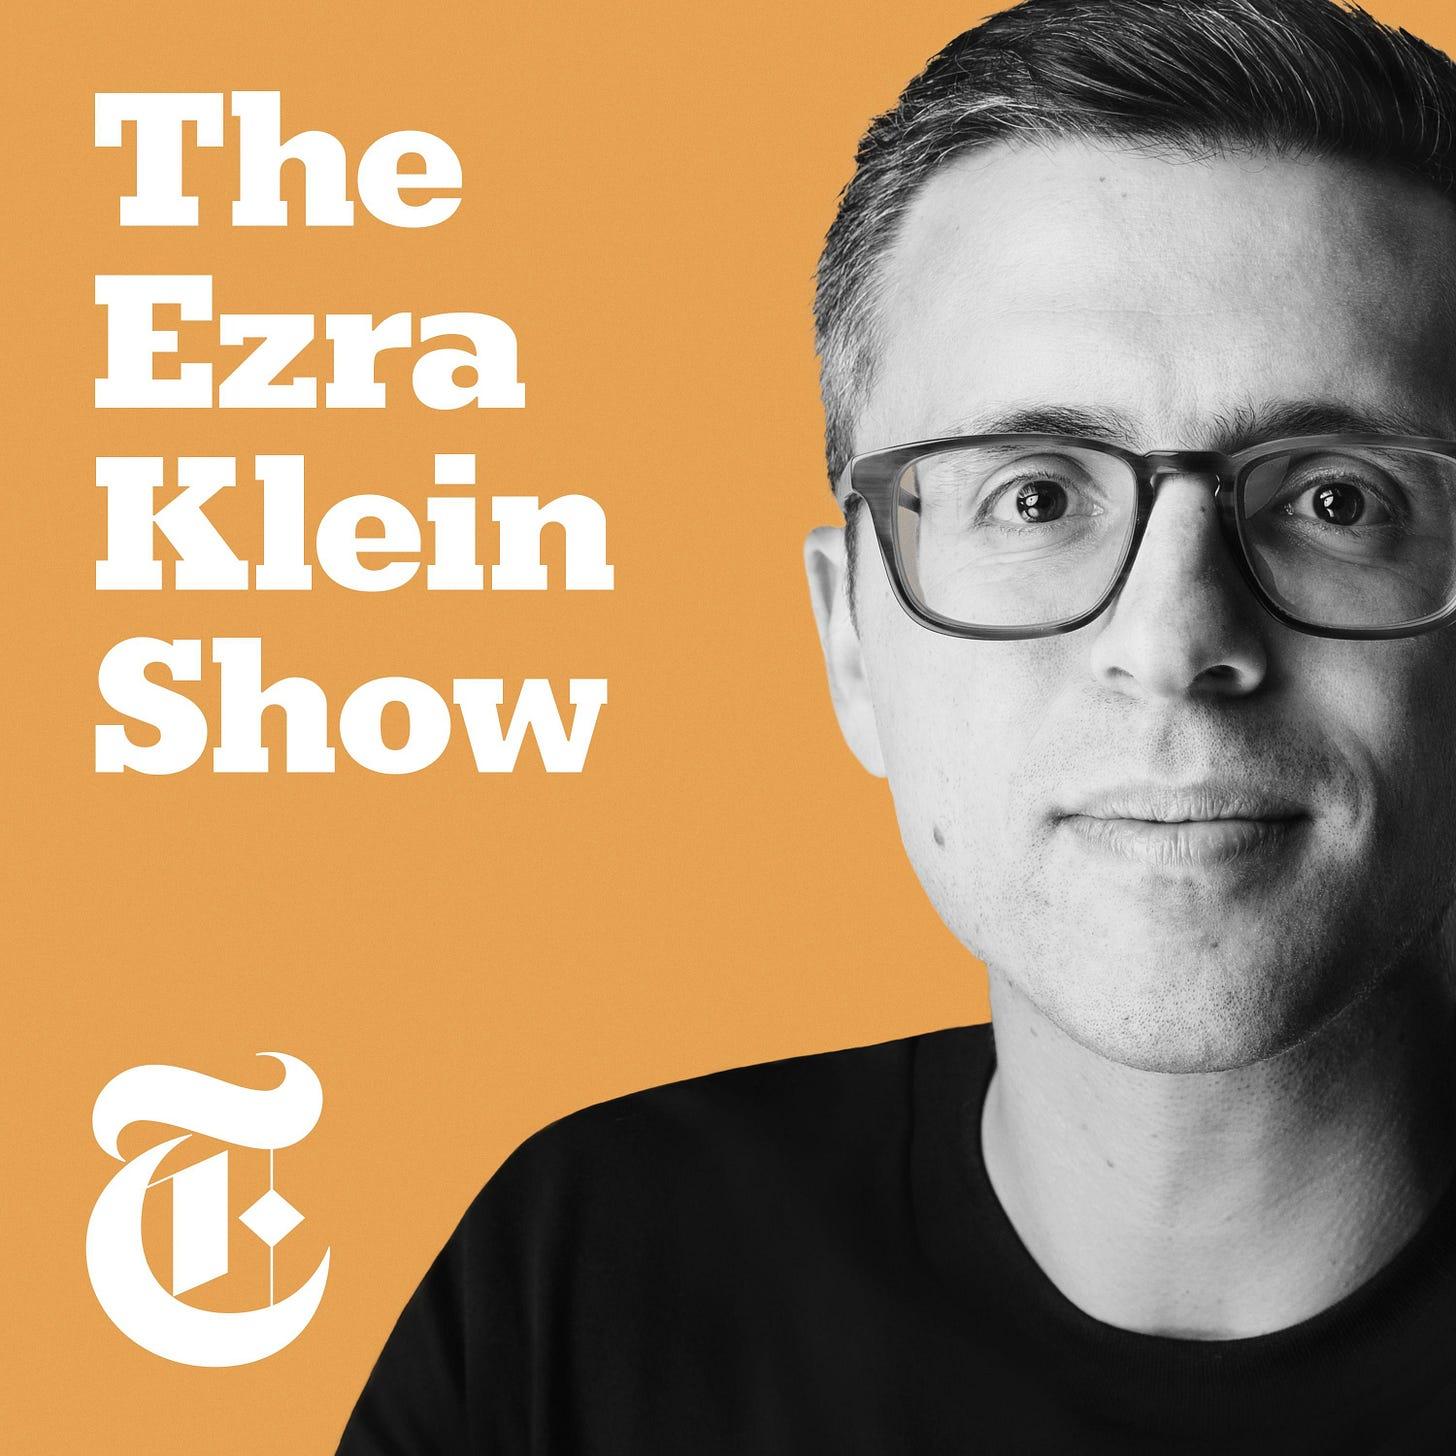 The Ezra Klein Show - The New York Times